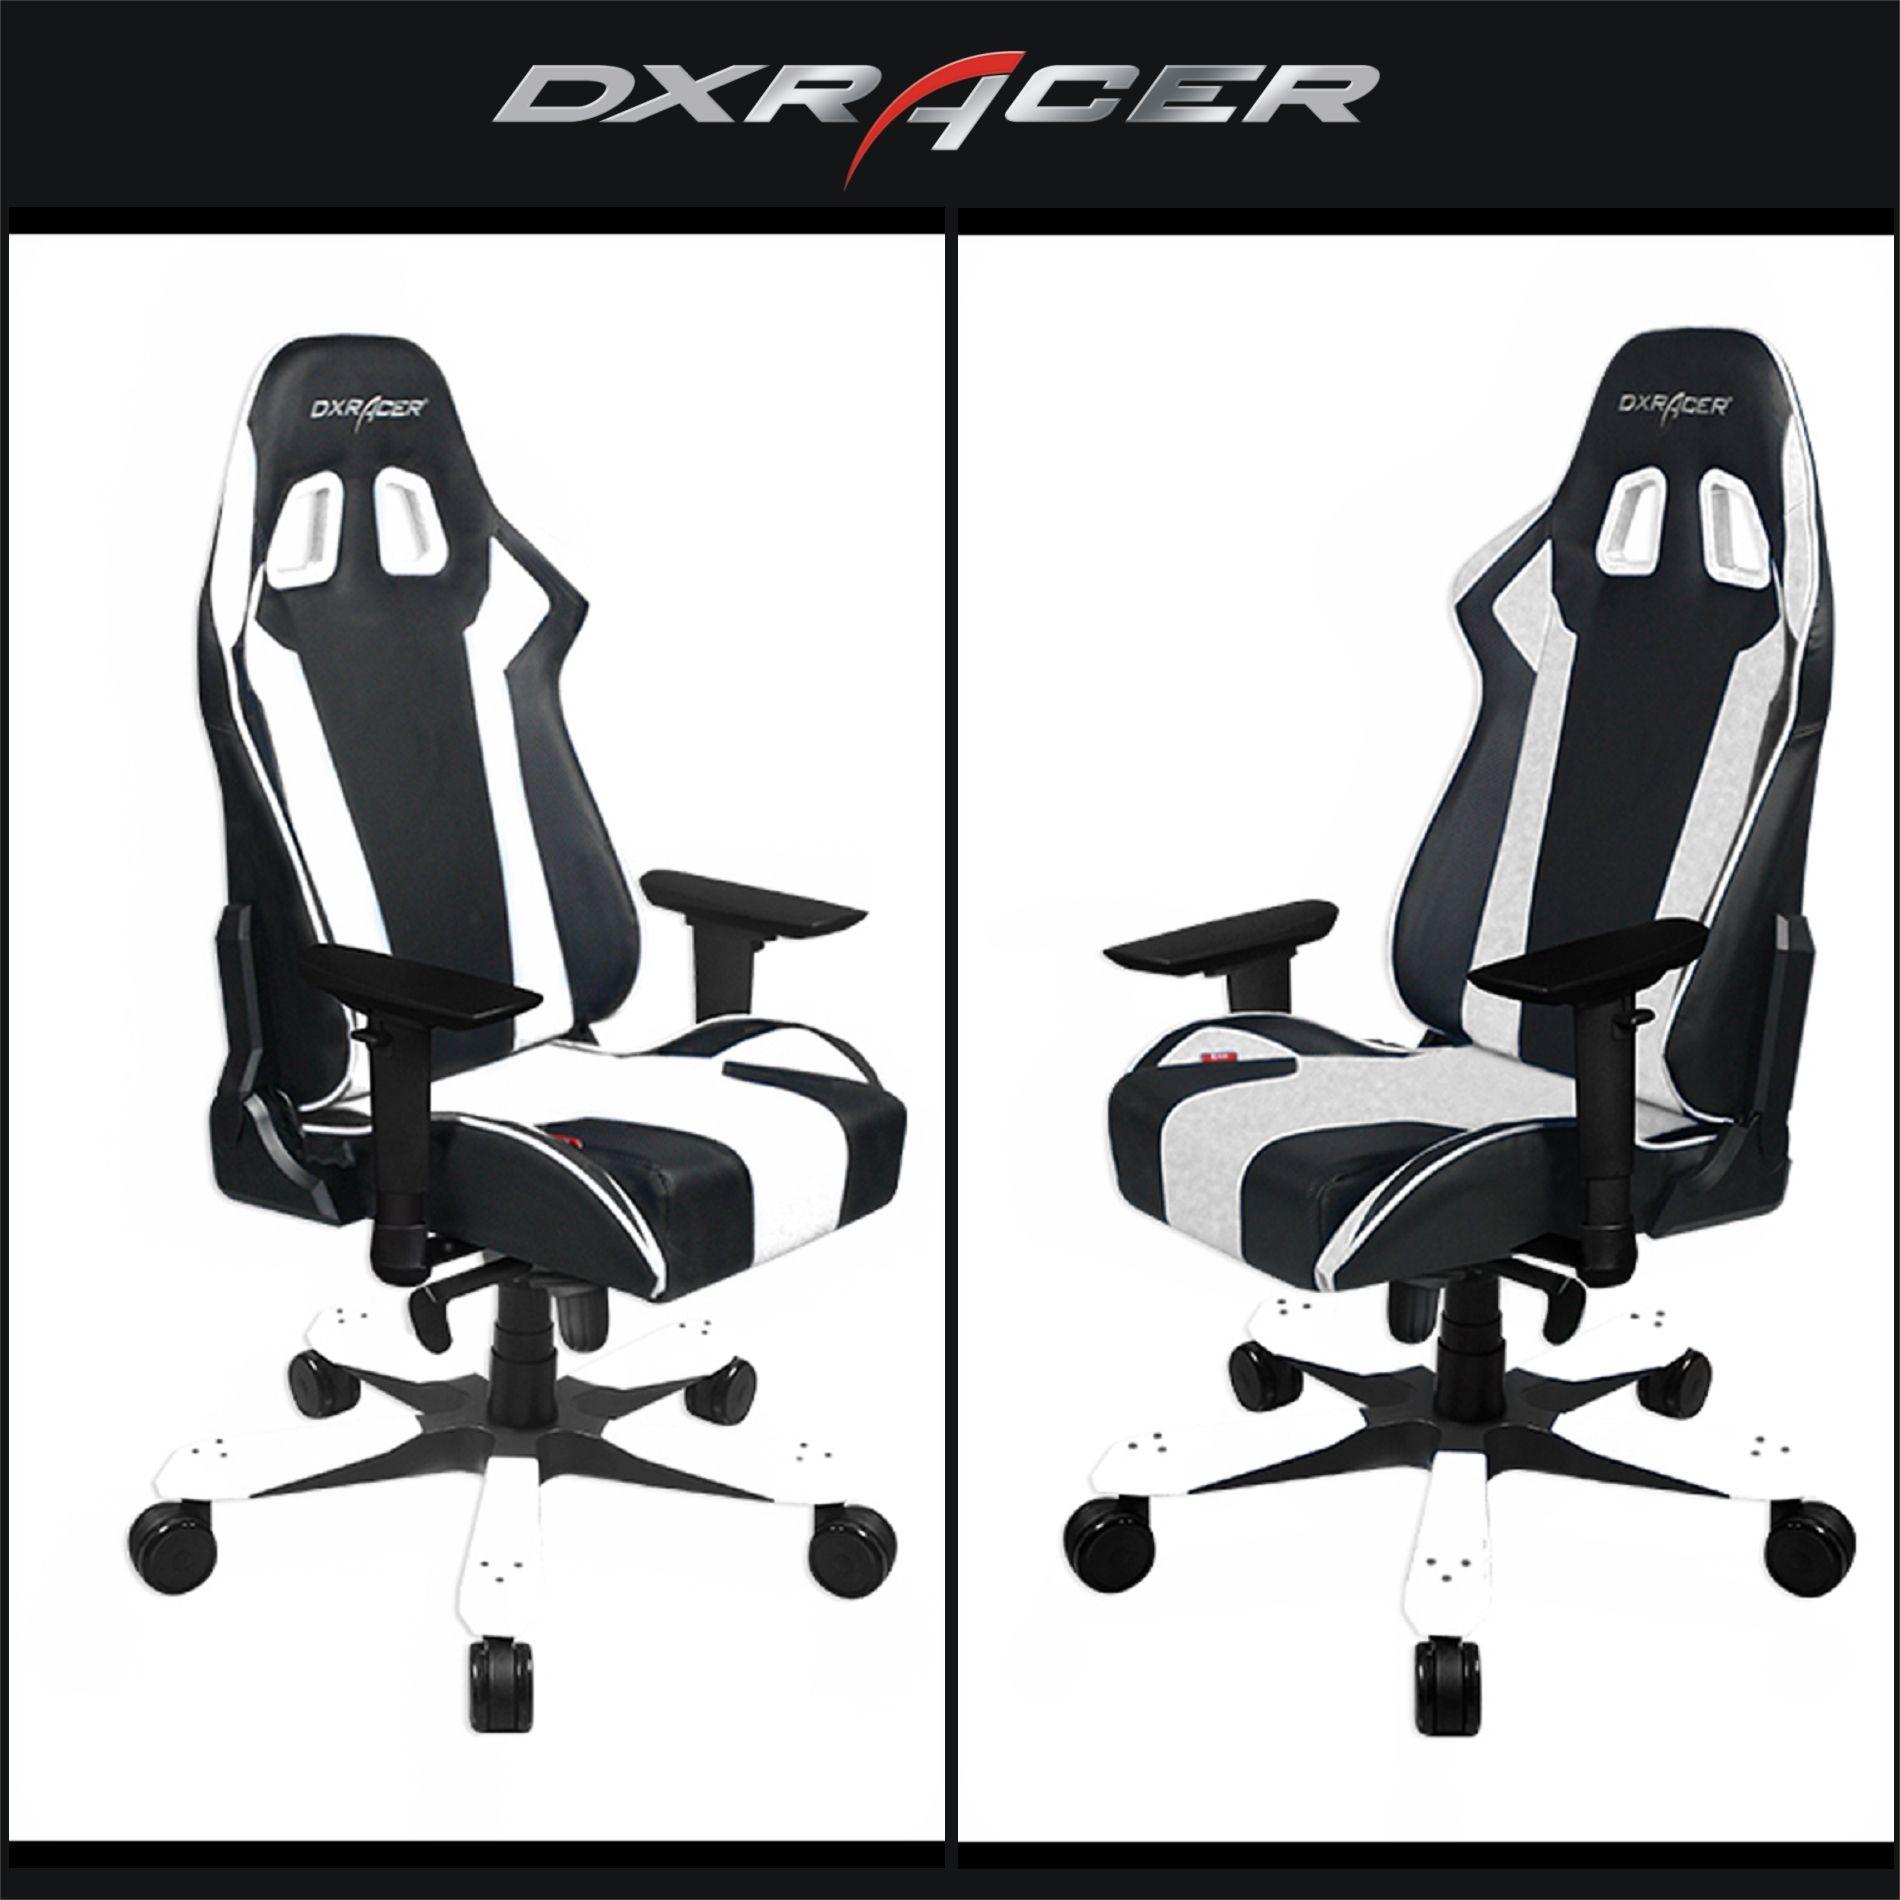 Dxracer Office Chair King  Series.#networkmarketing,#webmarketing,#affiliatemarketing,#